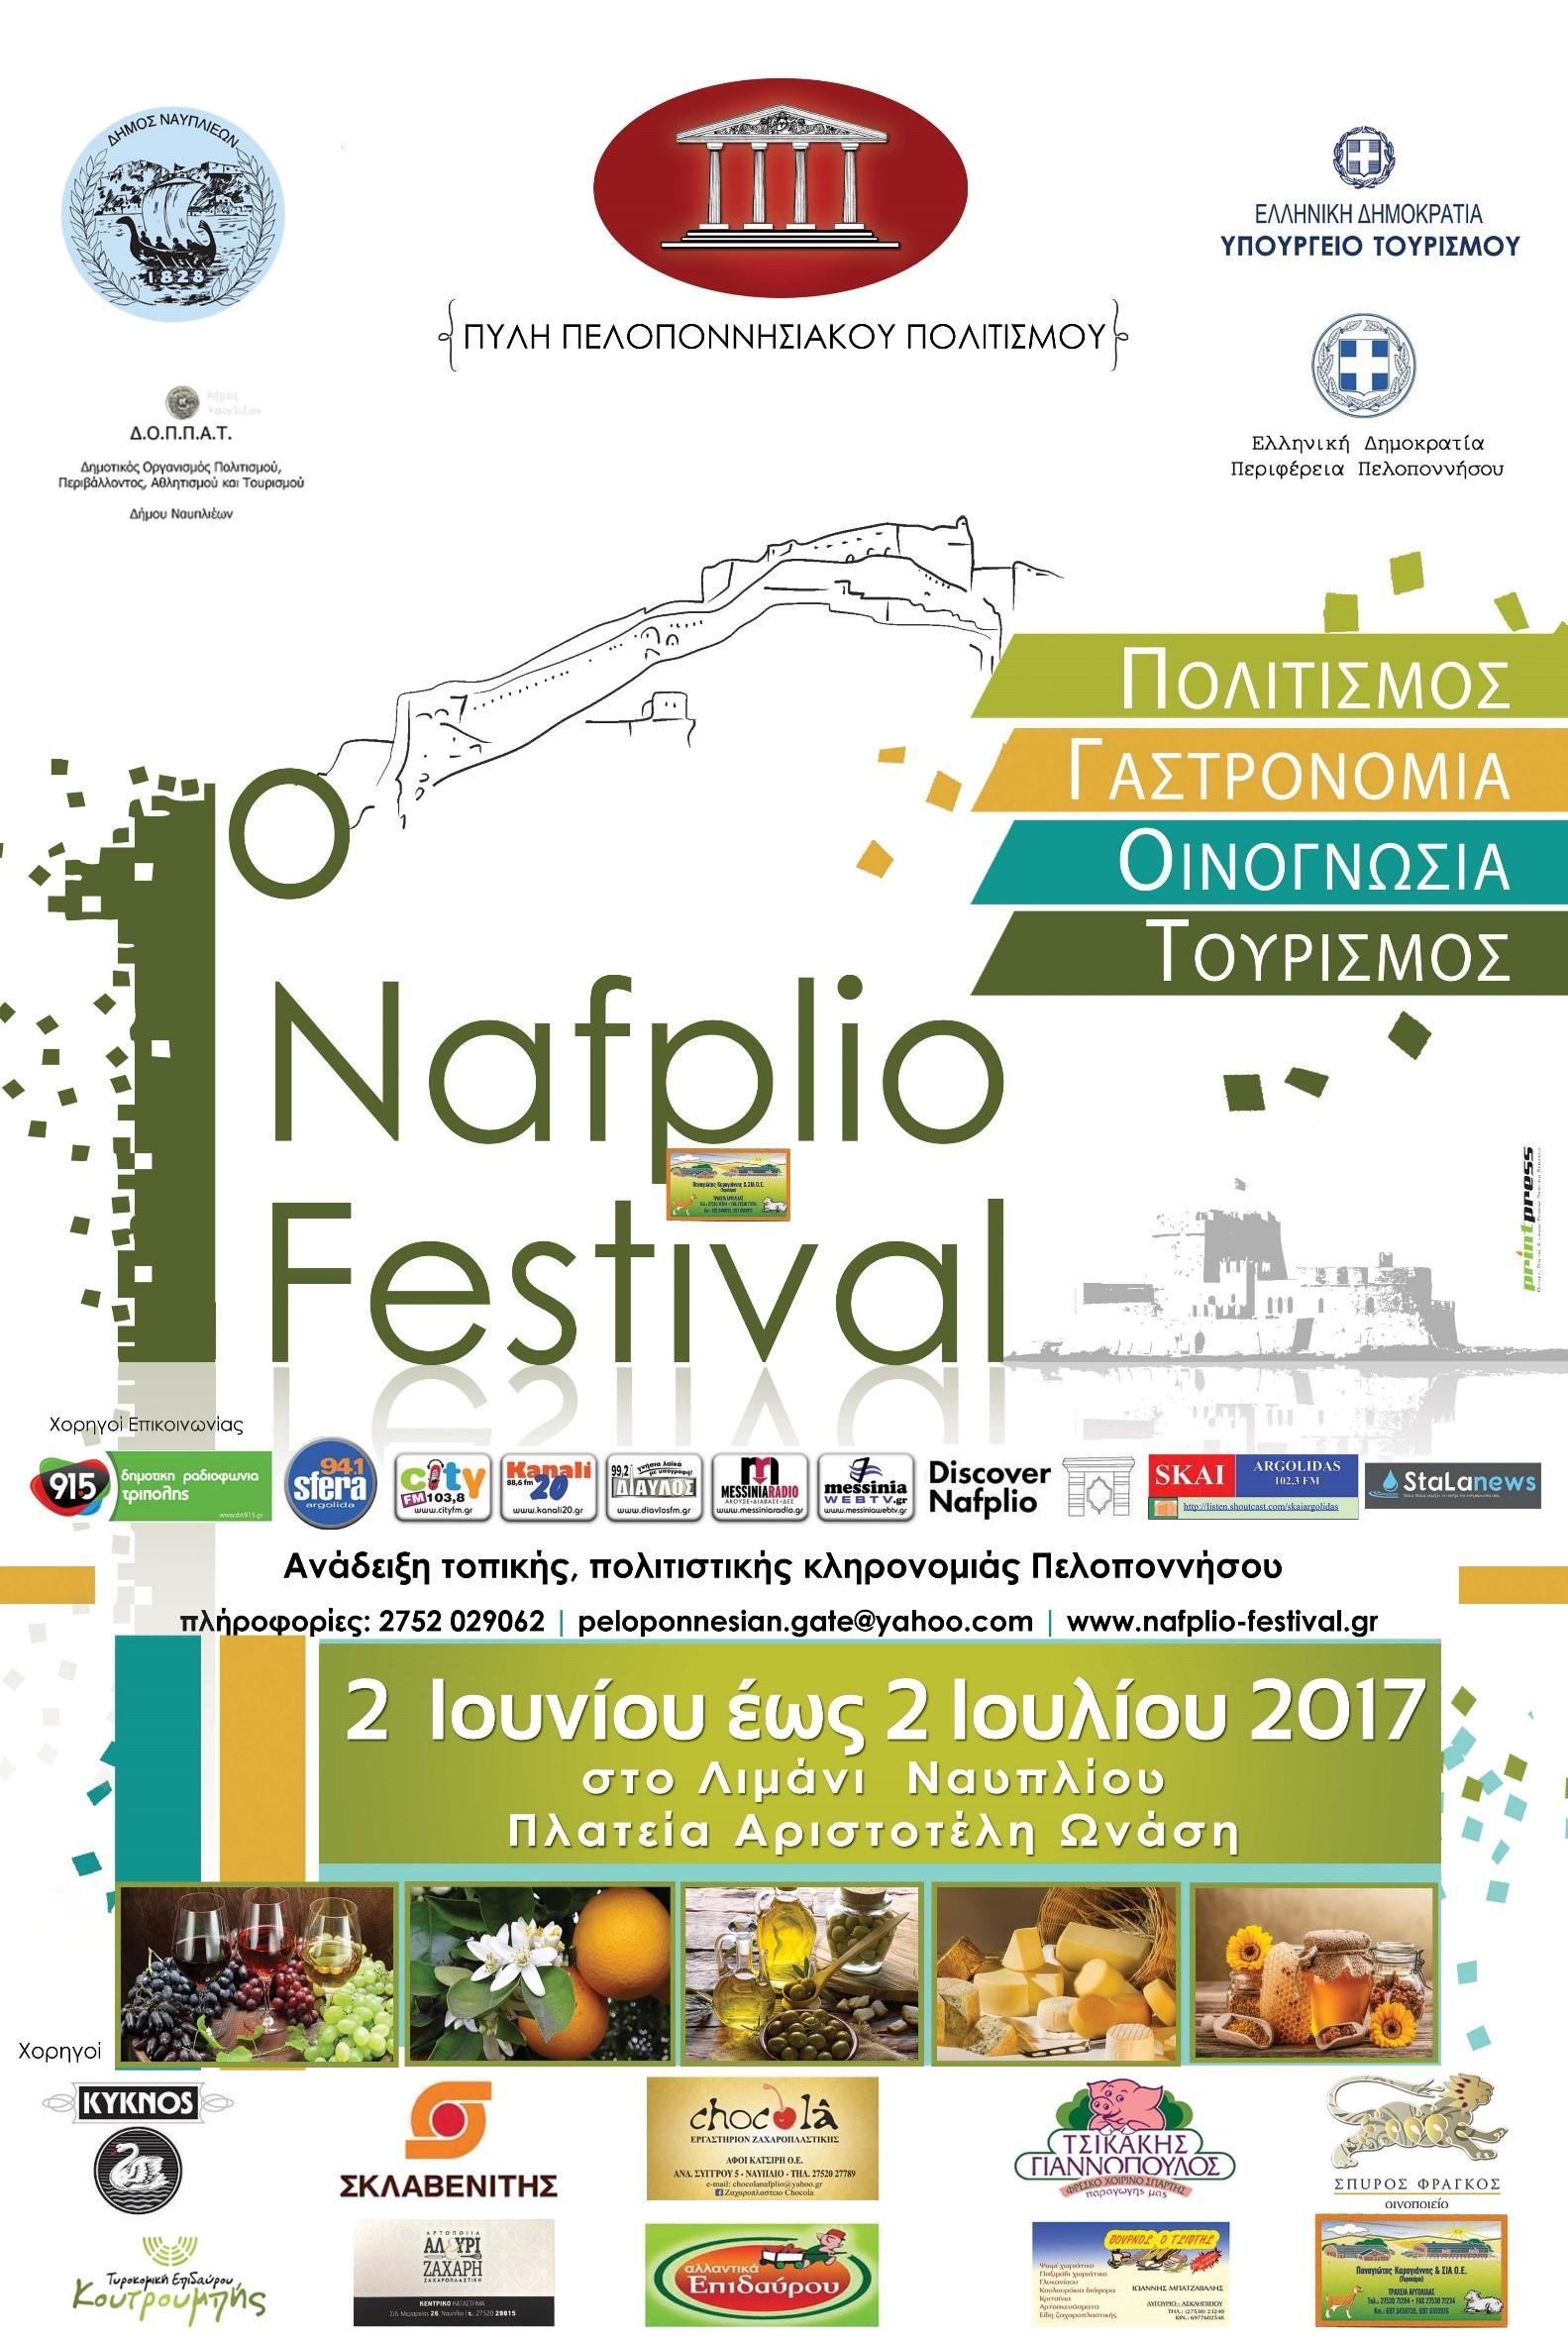 1ο Πολιτιστικό Φεστιβάλ Ναυπλίου